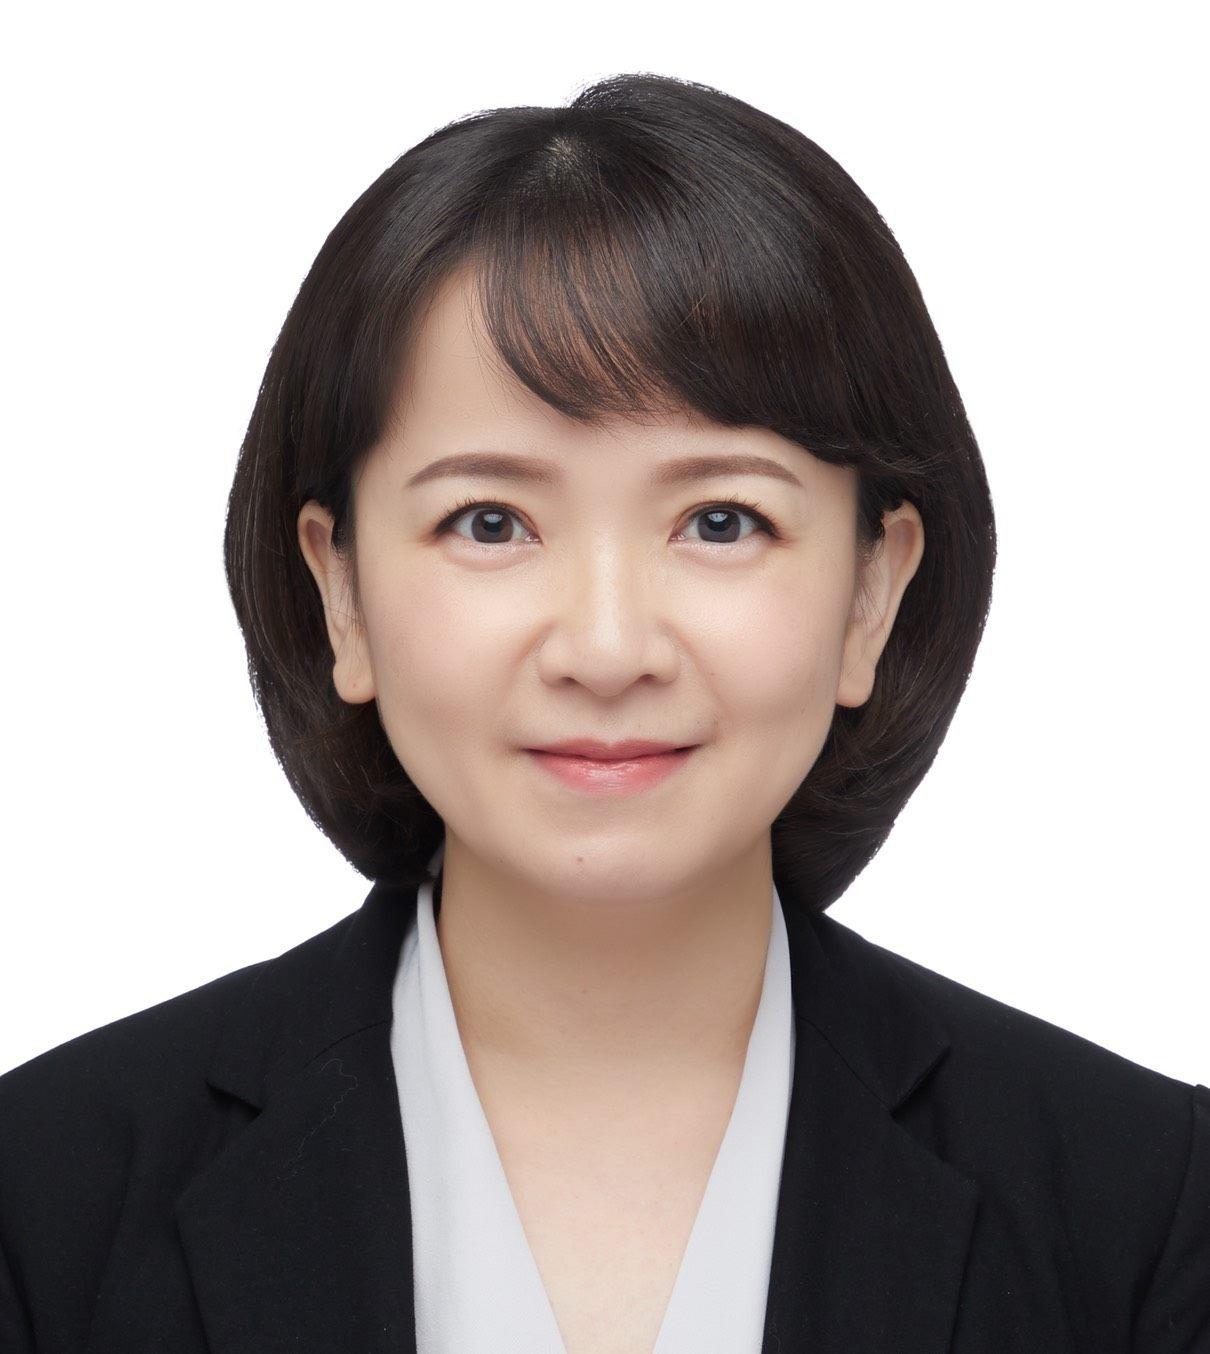 Commissioner of Finance (Ms. Jia-Jen Chen) Profile